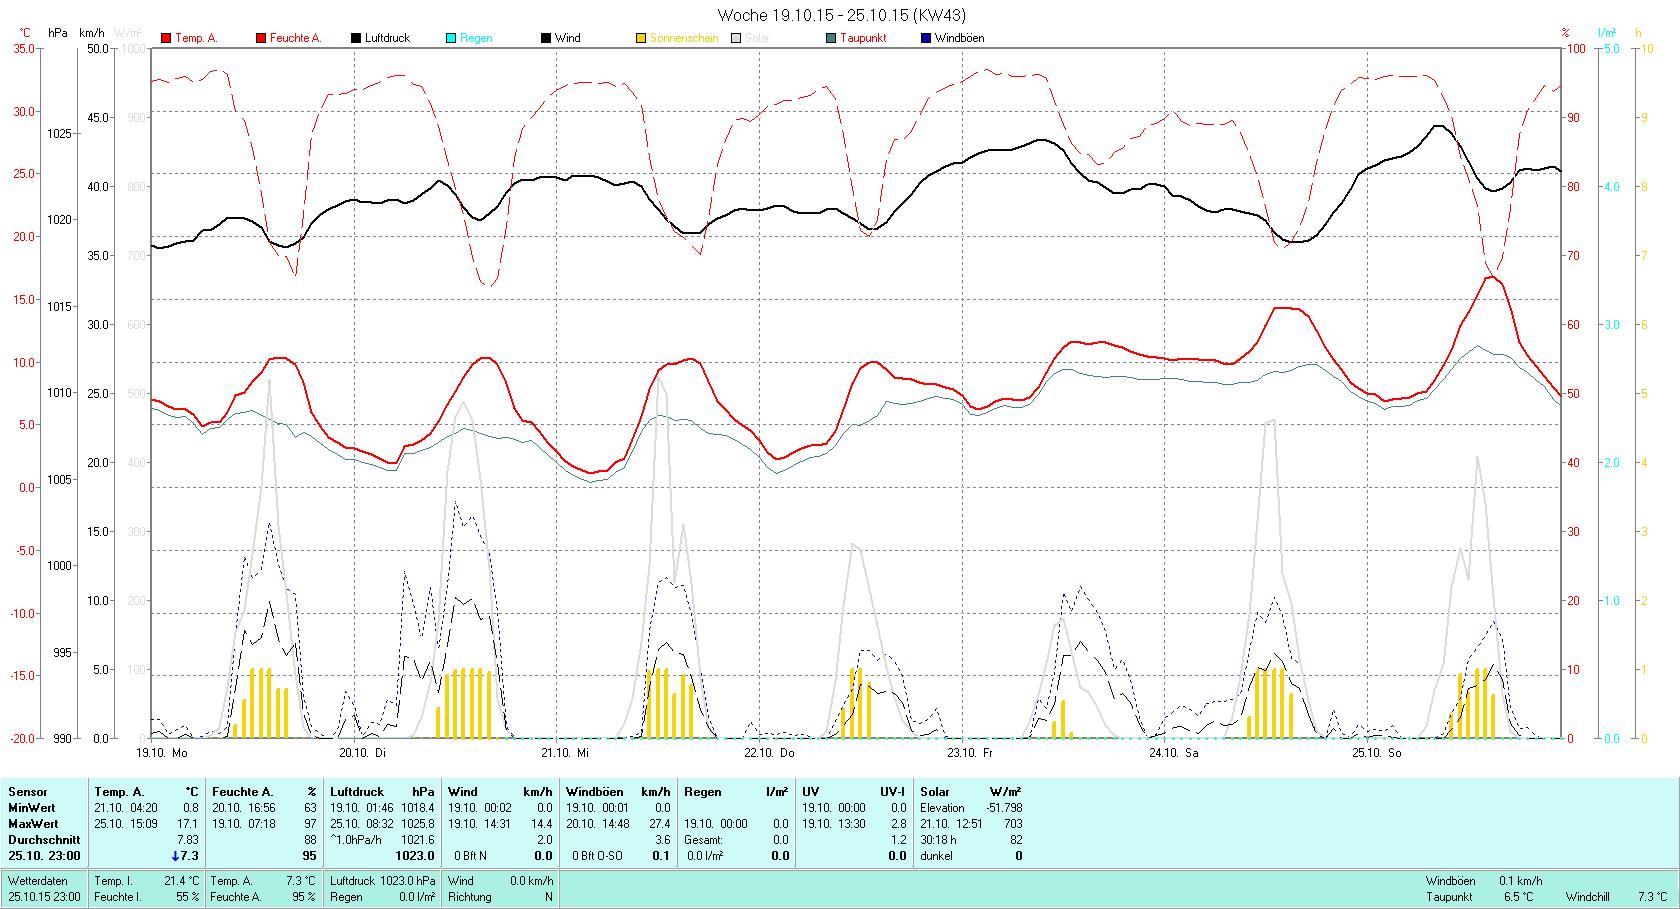 KW 43 Tmin 0.8°C, Tmax 17.1°C, Sonne 30:18h, Niederschlag 0.0mm/2